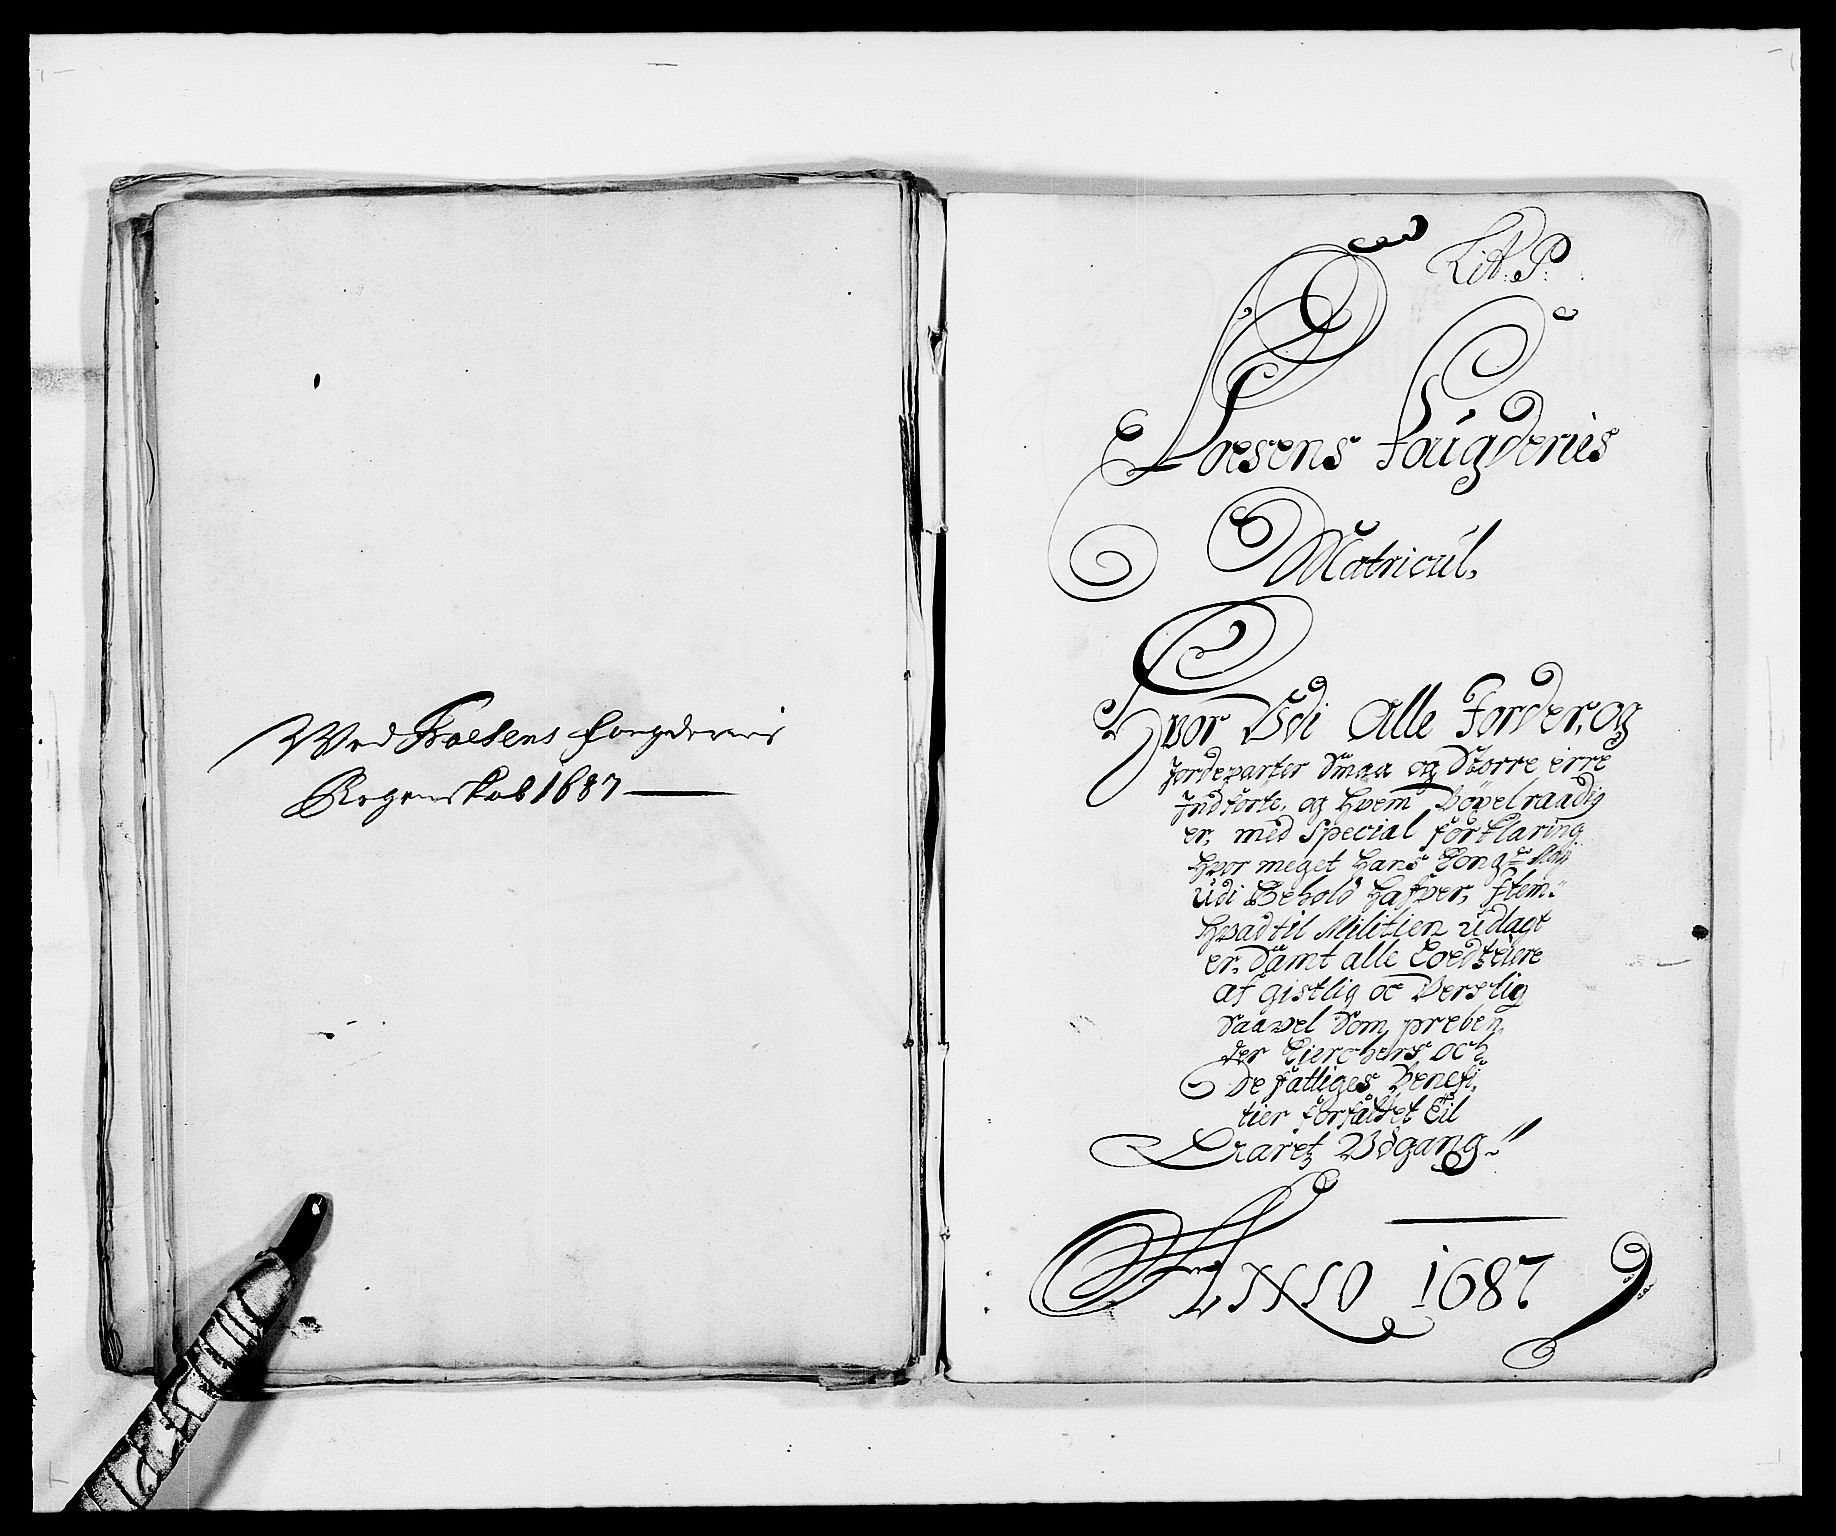 RA, Rentekammeret inntil 1814, Reviderte regnskaper, Fogderegnskap, R57/L3845: Fogderegnskap Fosen, 1687, s. 142